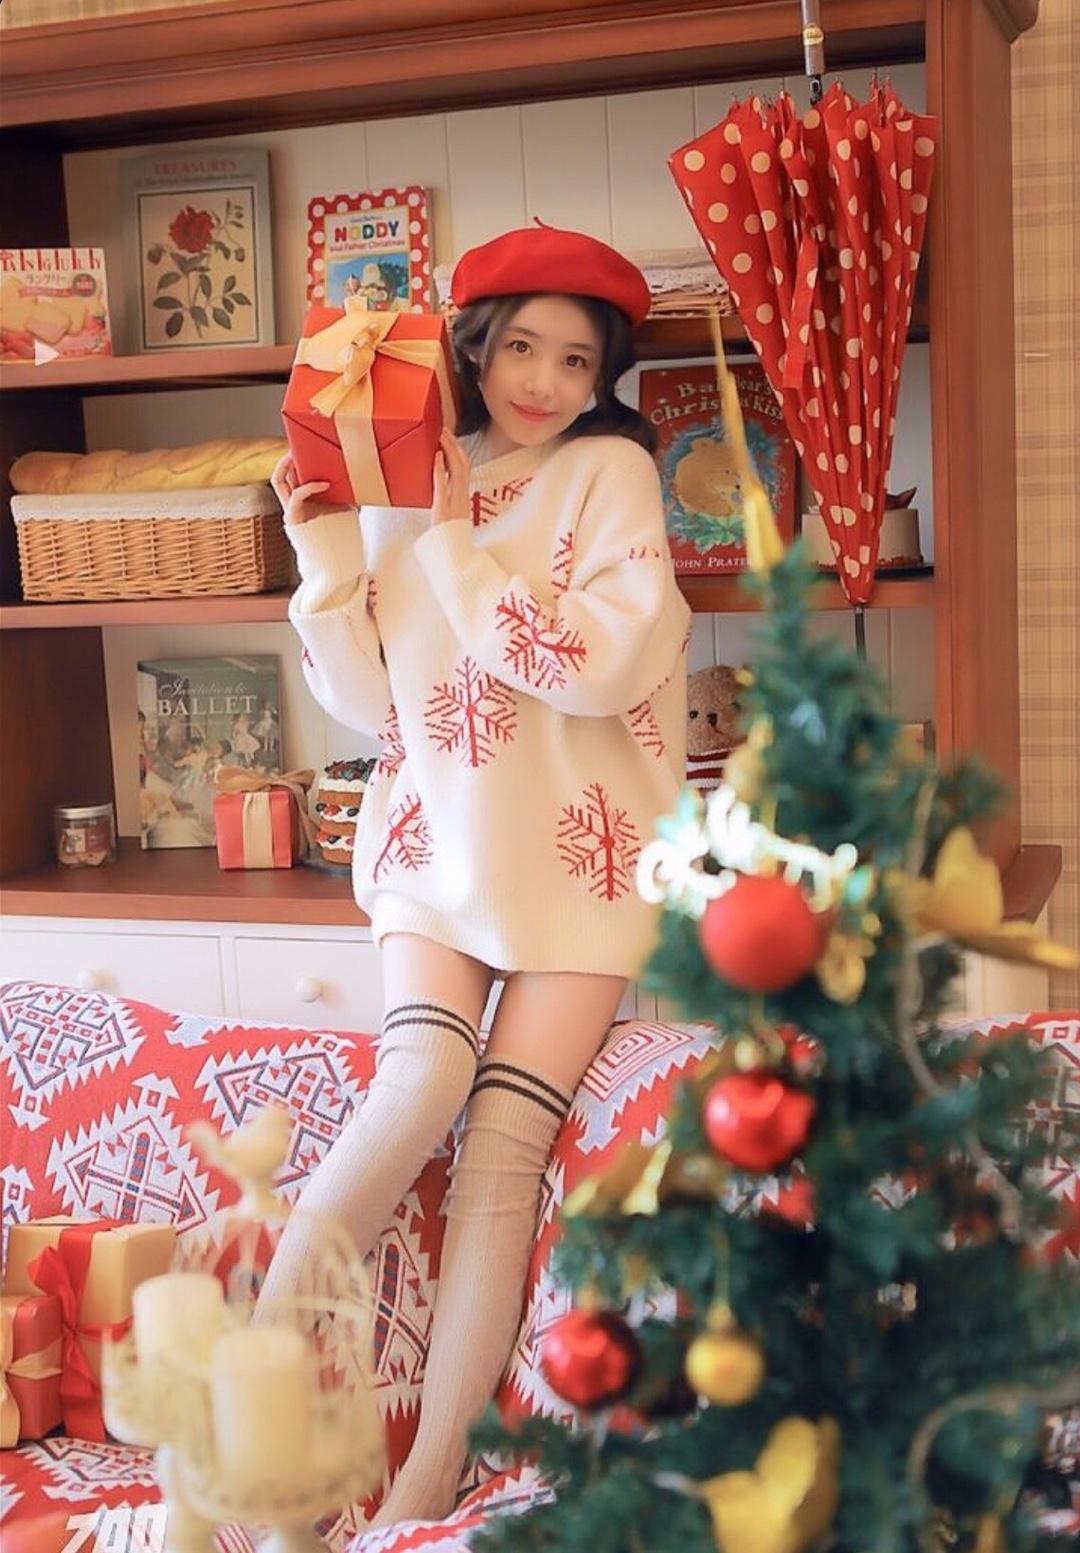 宝宝们!圣诞节快乐🎄🎄🎄🎄 接下来的几天福利多多哦,红包不停,最低1元秒杀发福利,记得关注 订阅走一波!#圣诞心愿好物集#